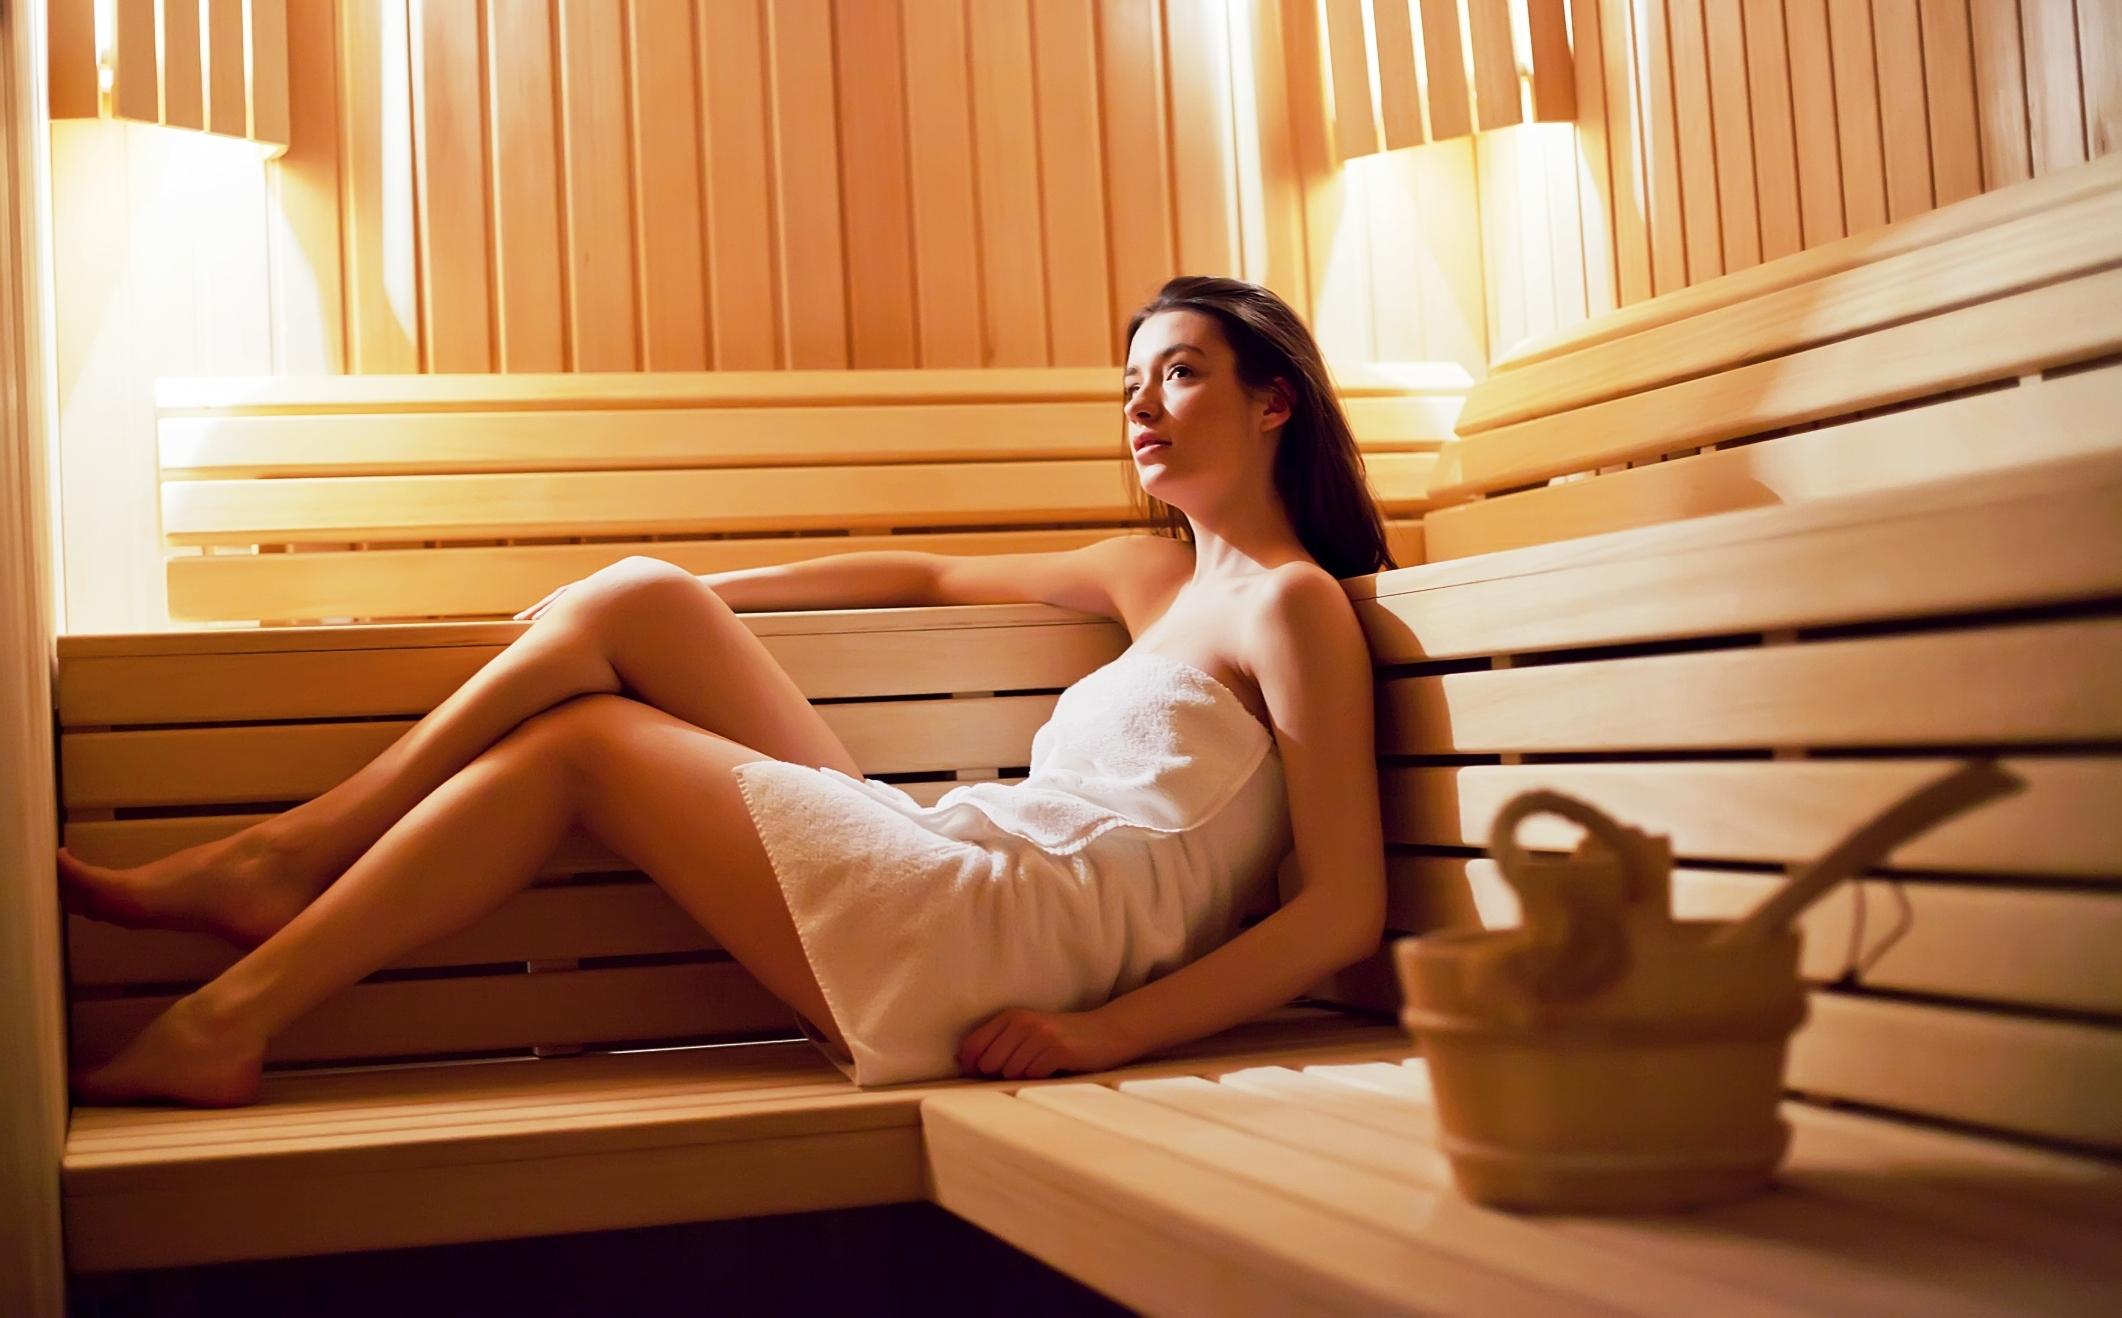 Cilat sëmundje parandalon sauna?